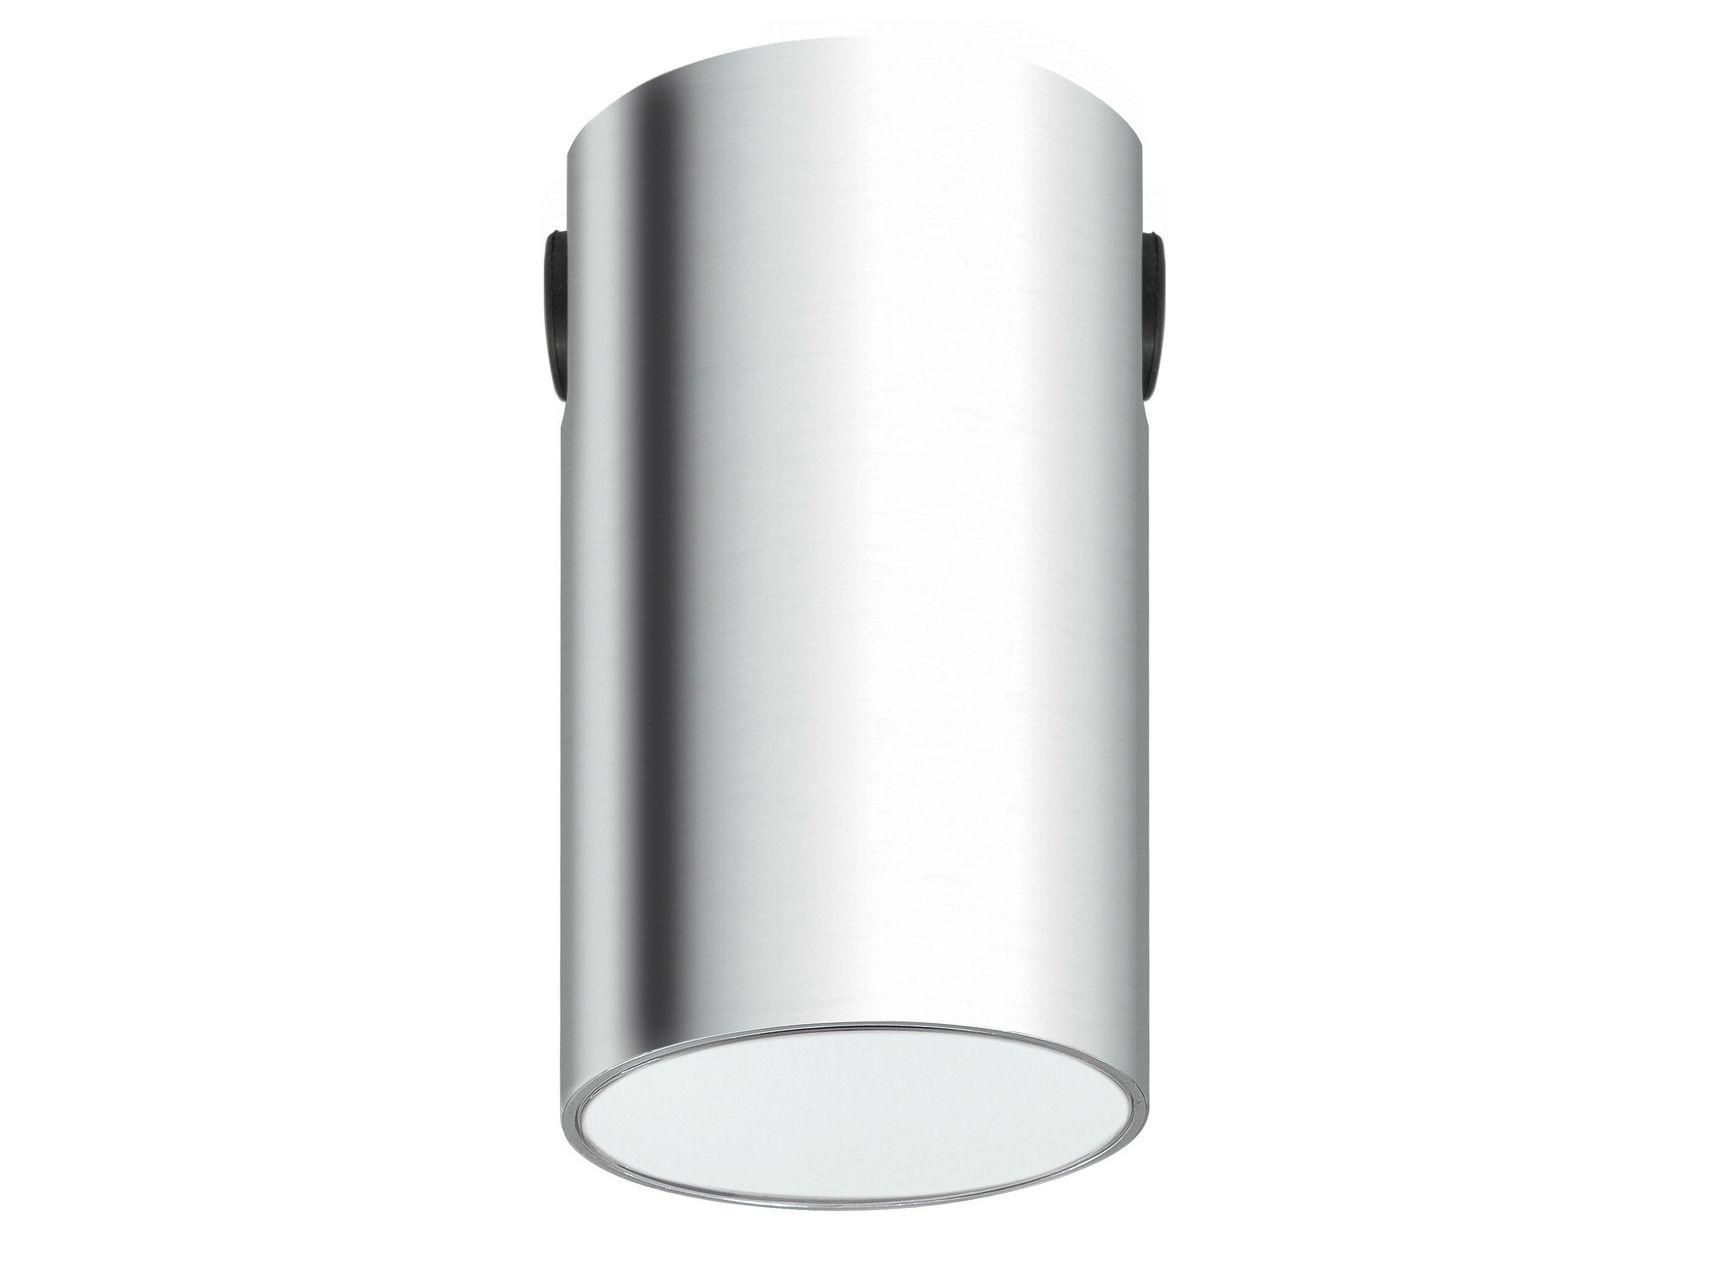 lens luminaire de s curit pour installation au plafond by daisalux. Black Bedroom Furniture Sets. Home Design Ideas